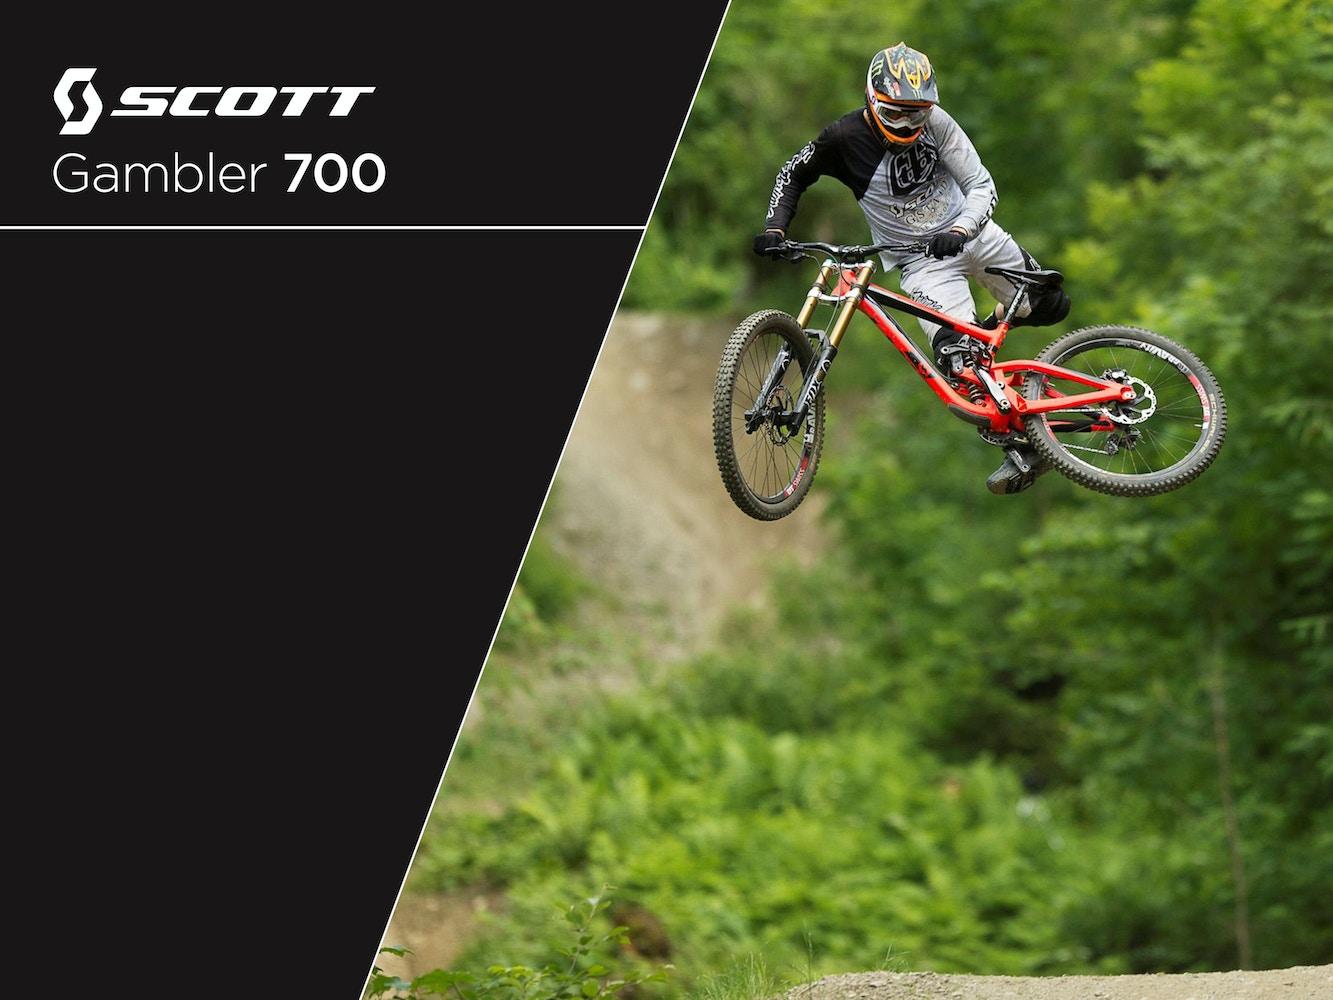 Scott Gambler 700 2015 - Der neue Downhill-Bolide von Scott